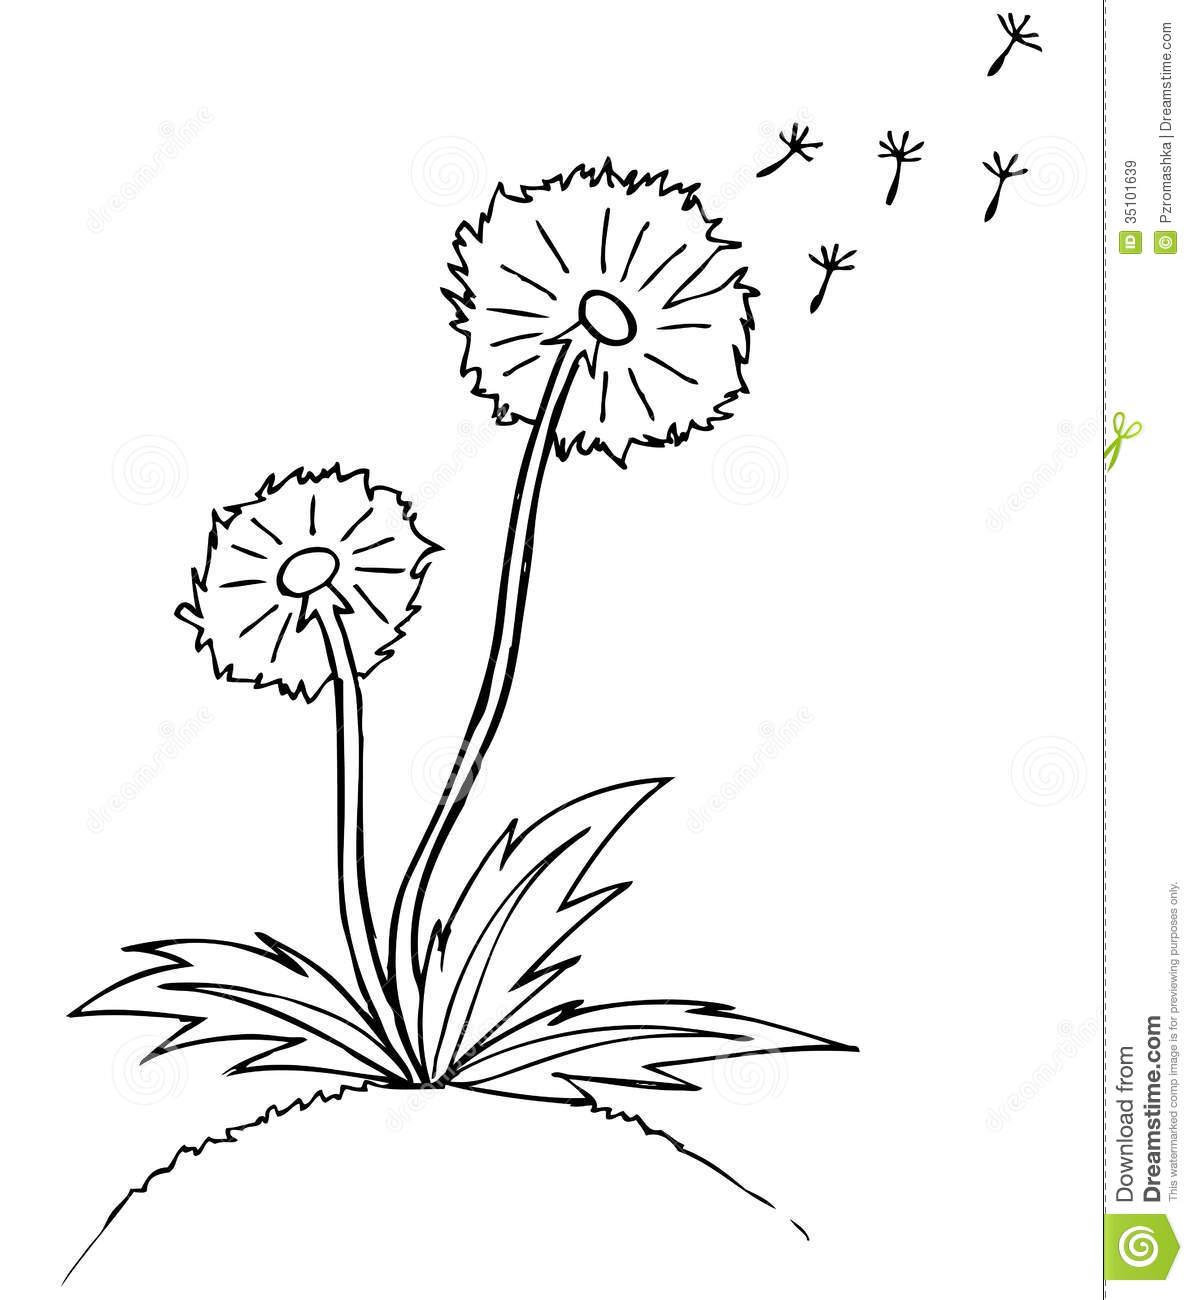 dandelion outline clipart  clipart suggest